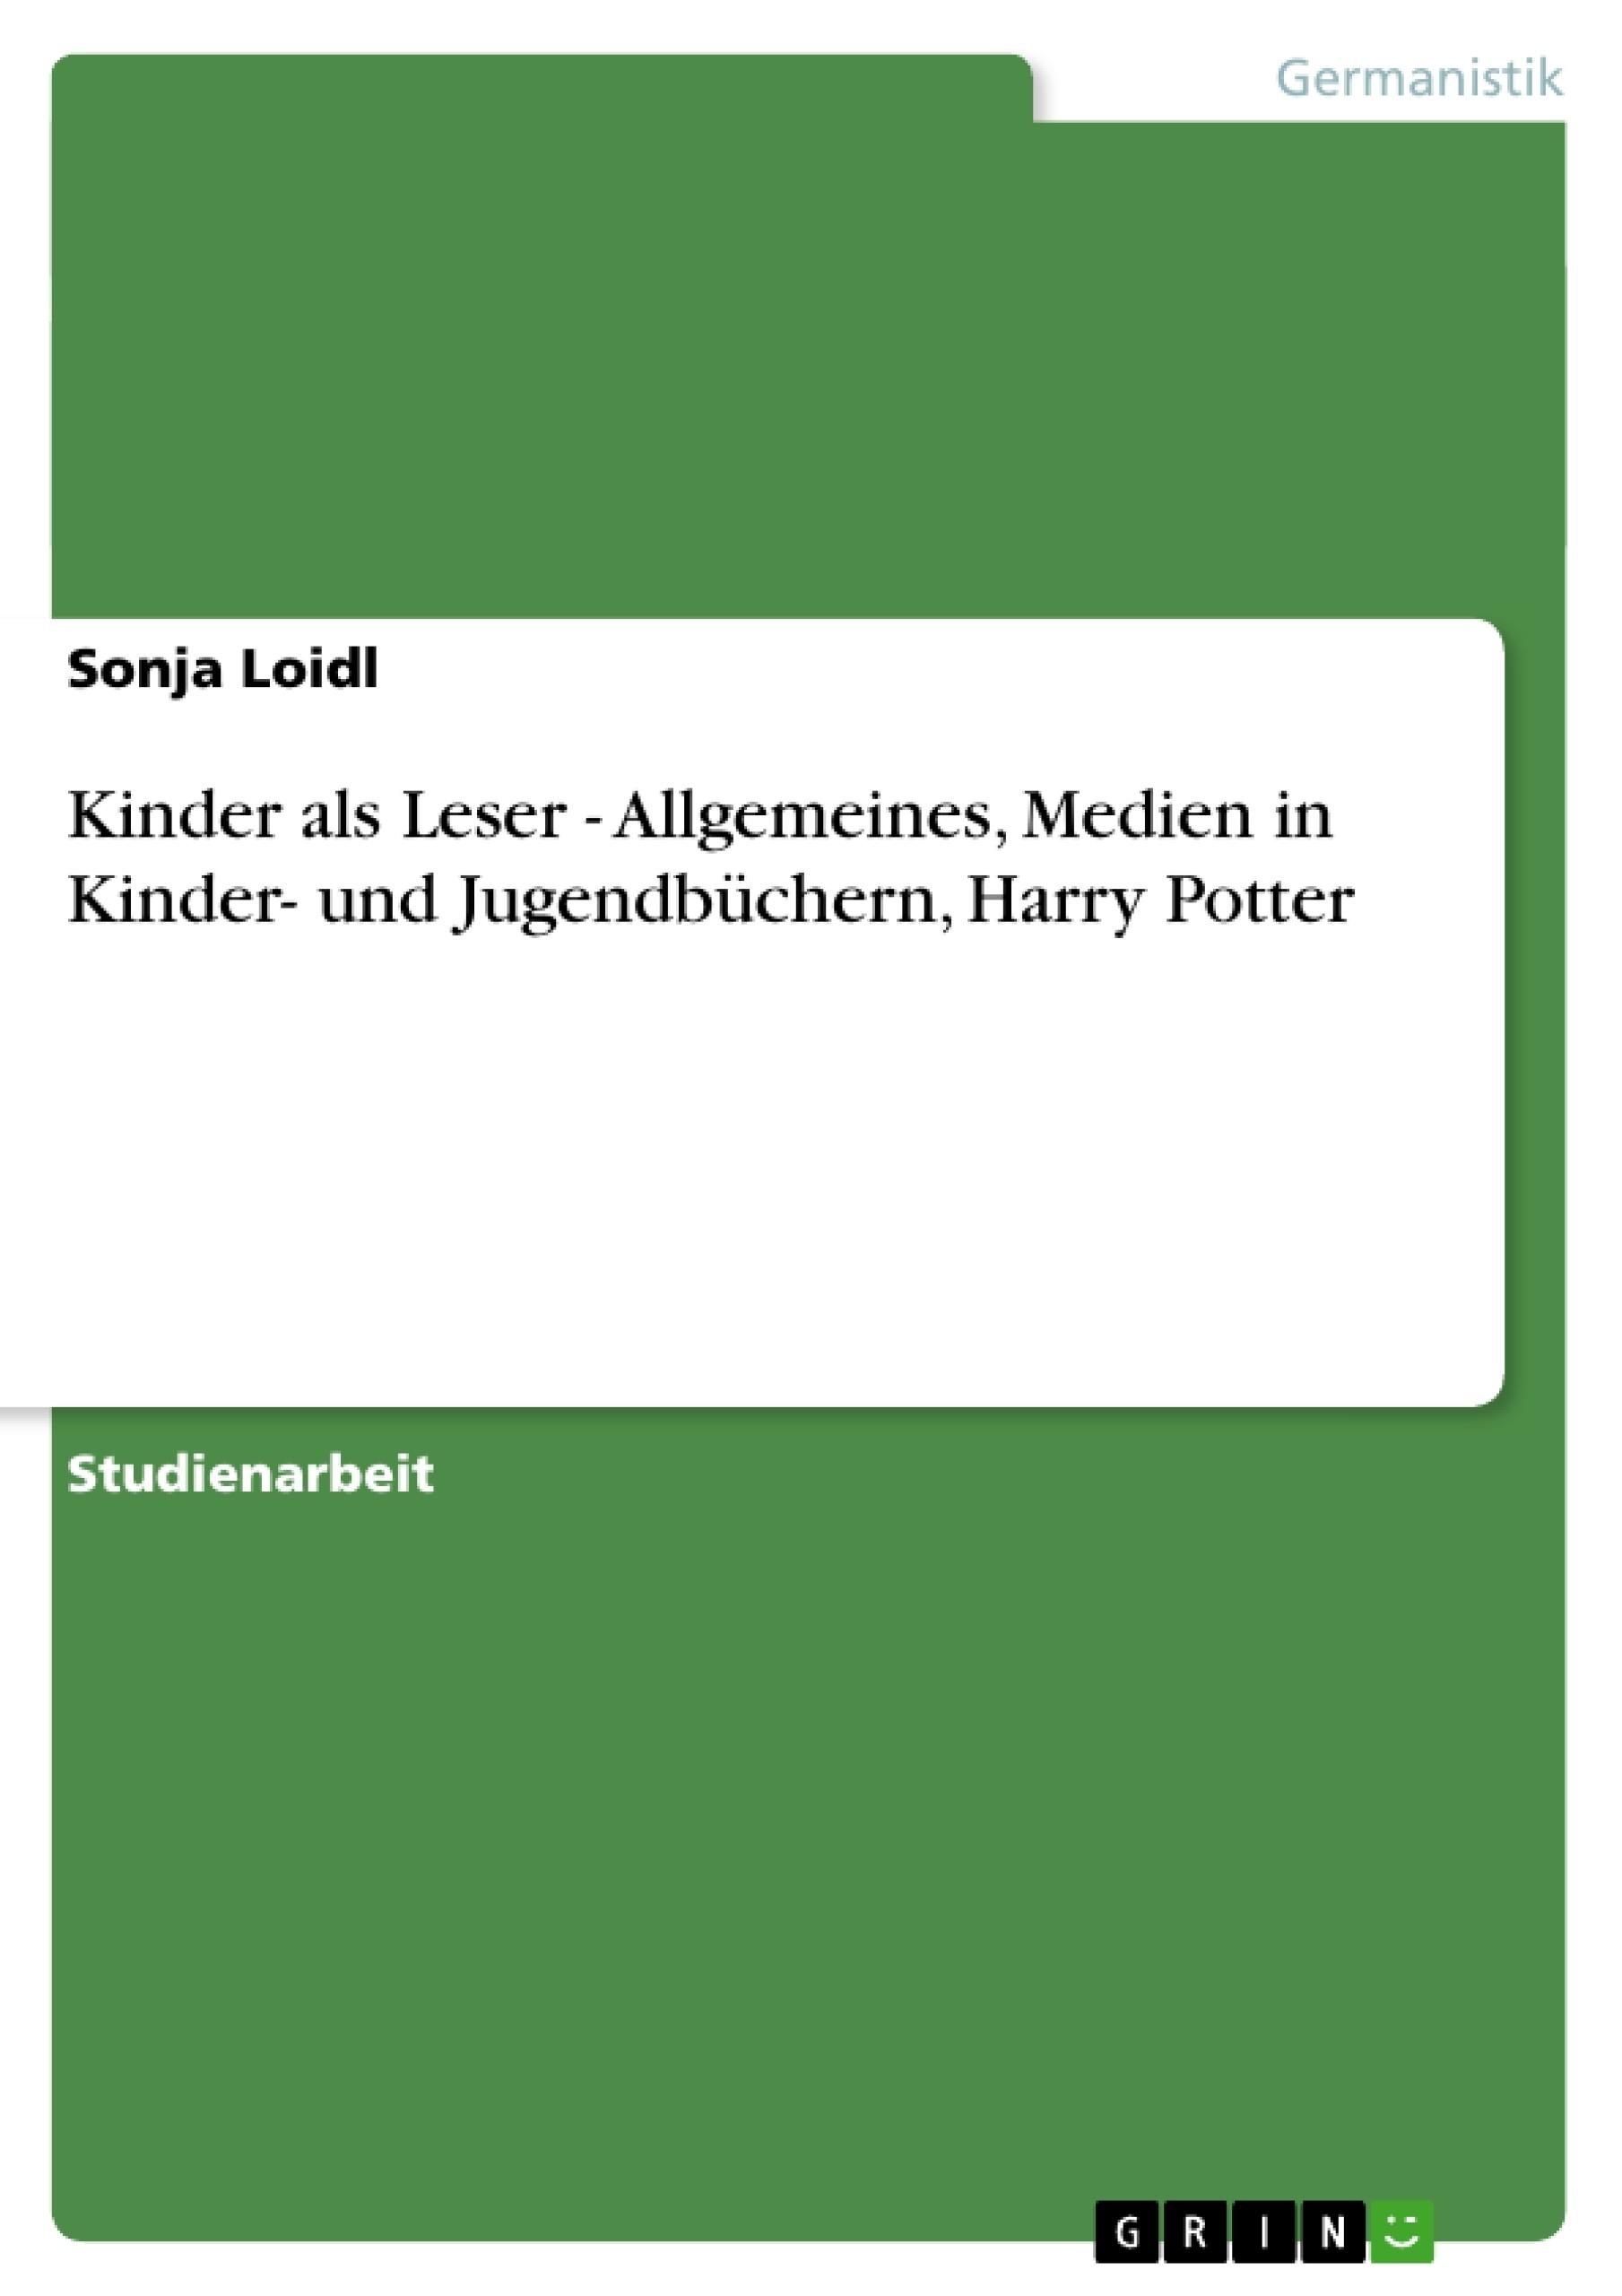 Titel: Kinder als Leser - Allgemeines, Medien in Kinder- und Jugendbüchern, Harry Potter